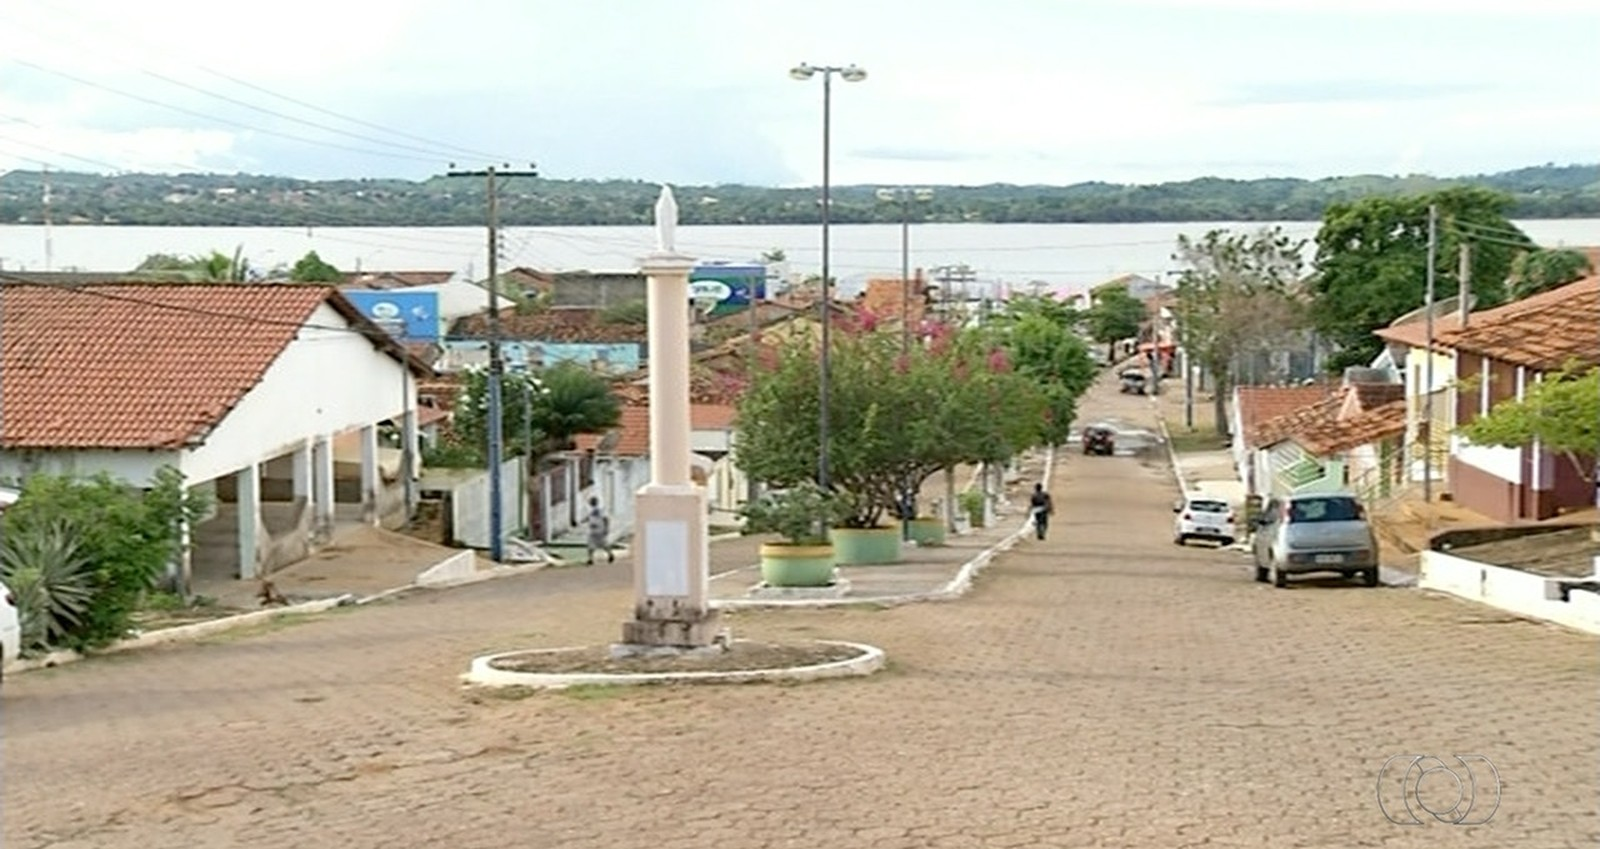 Criança de dois anos morre atropelada em Xambioá TO